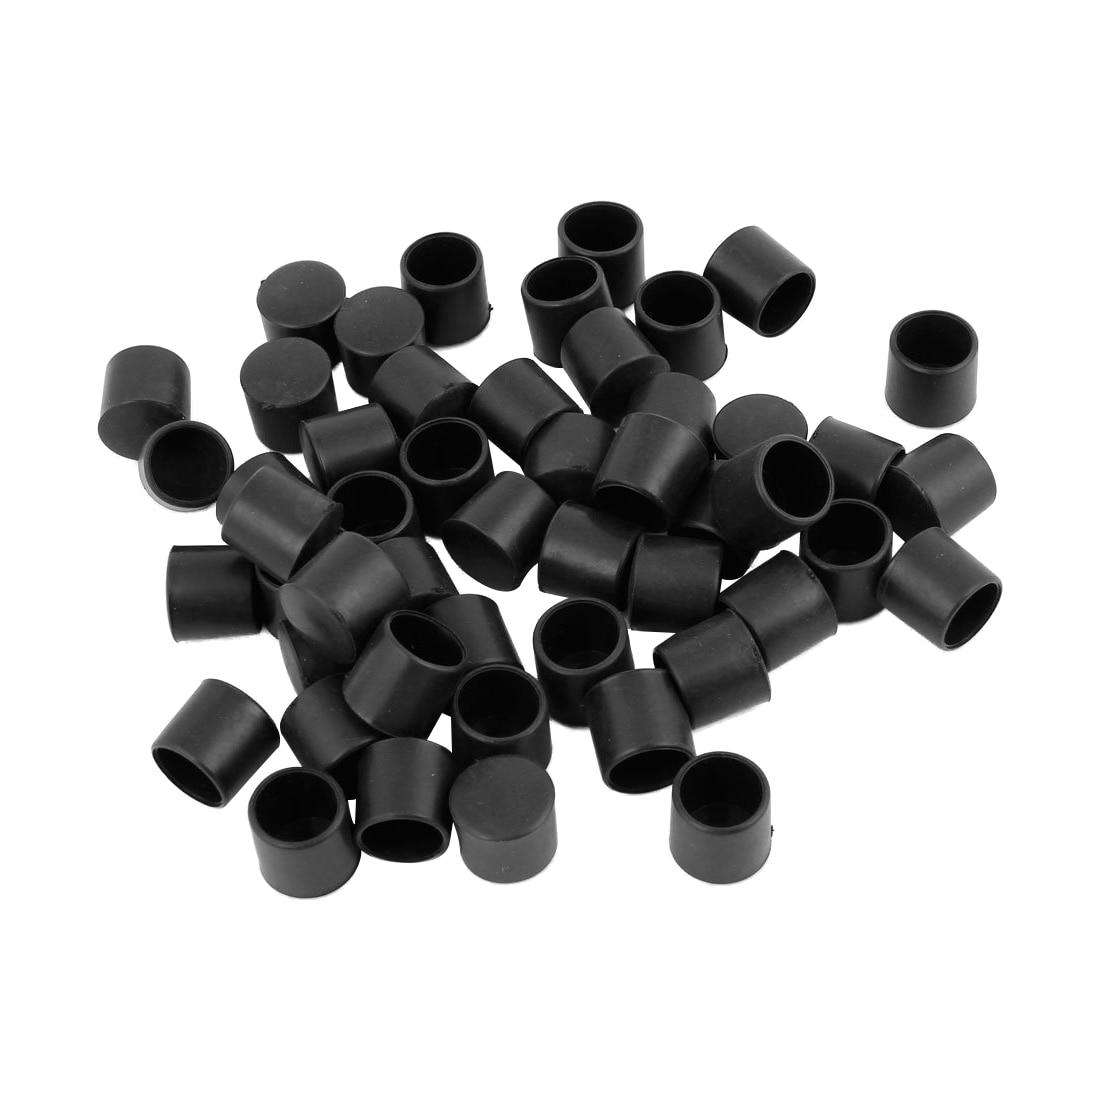 50 Pcs Black Rubber PVC Flexible Round End Cap Round 12mm Foot Cover